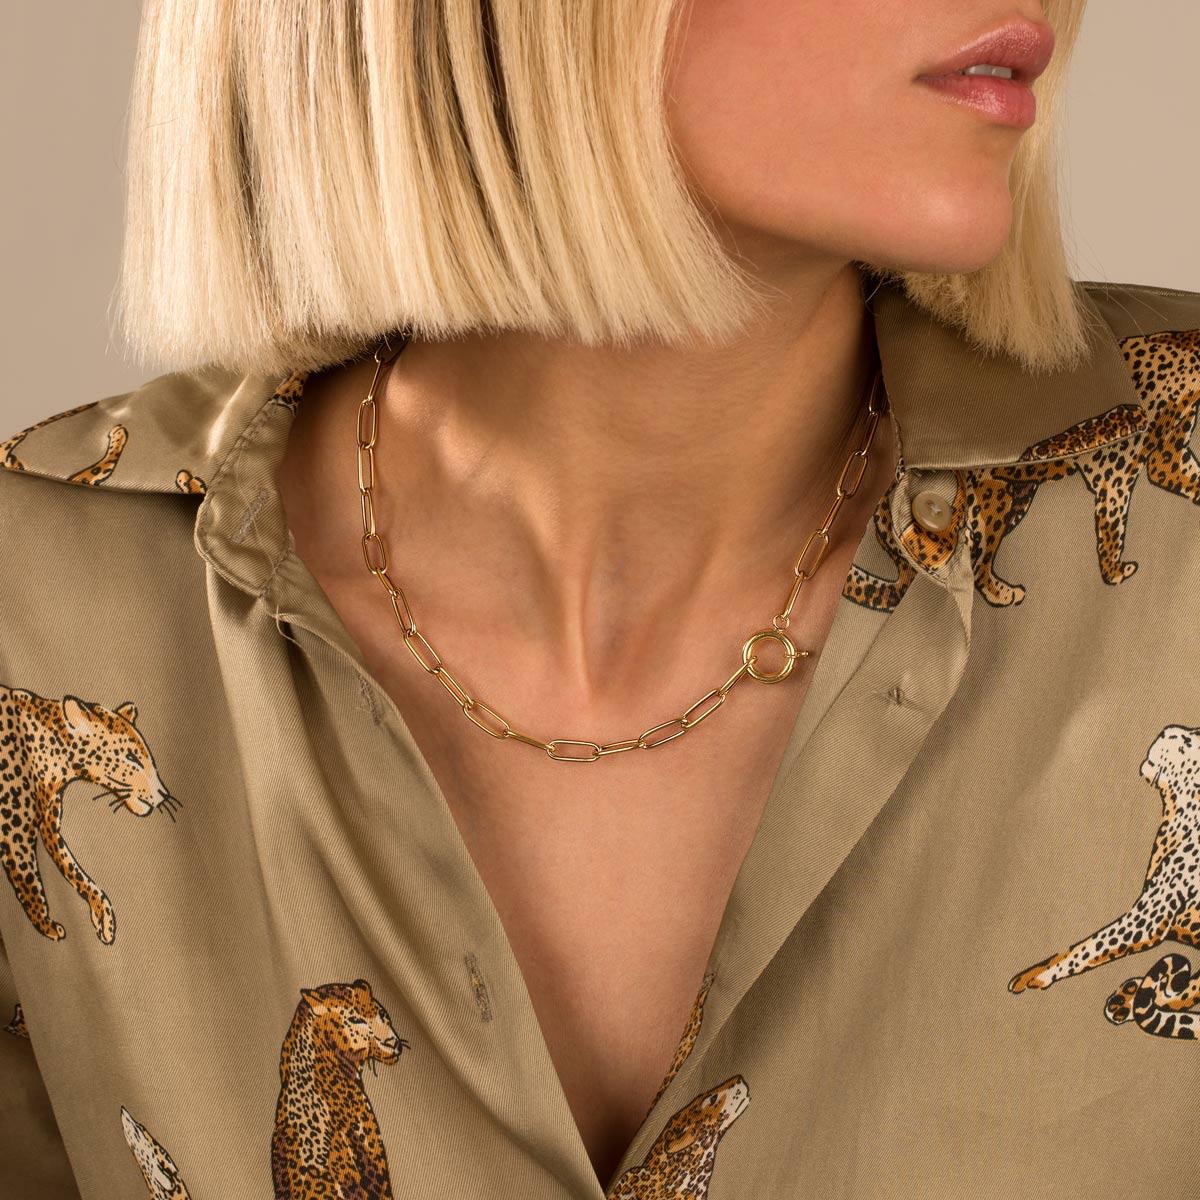 گردنبند زنجیری طلا کادنا قفل دایره متوسط